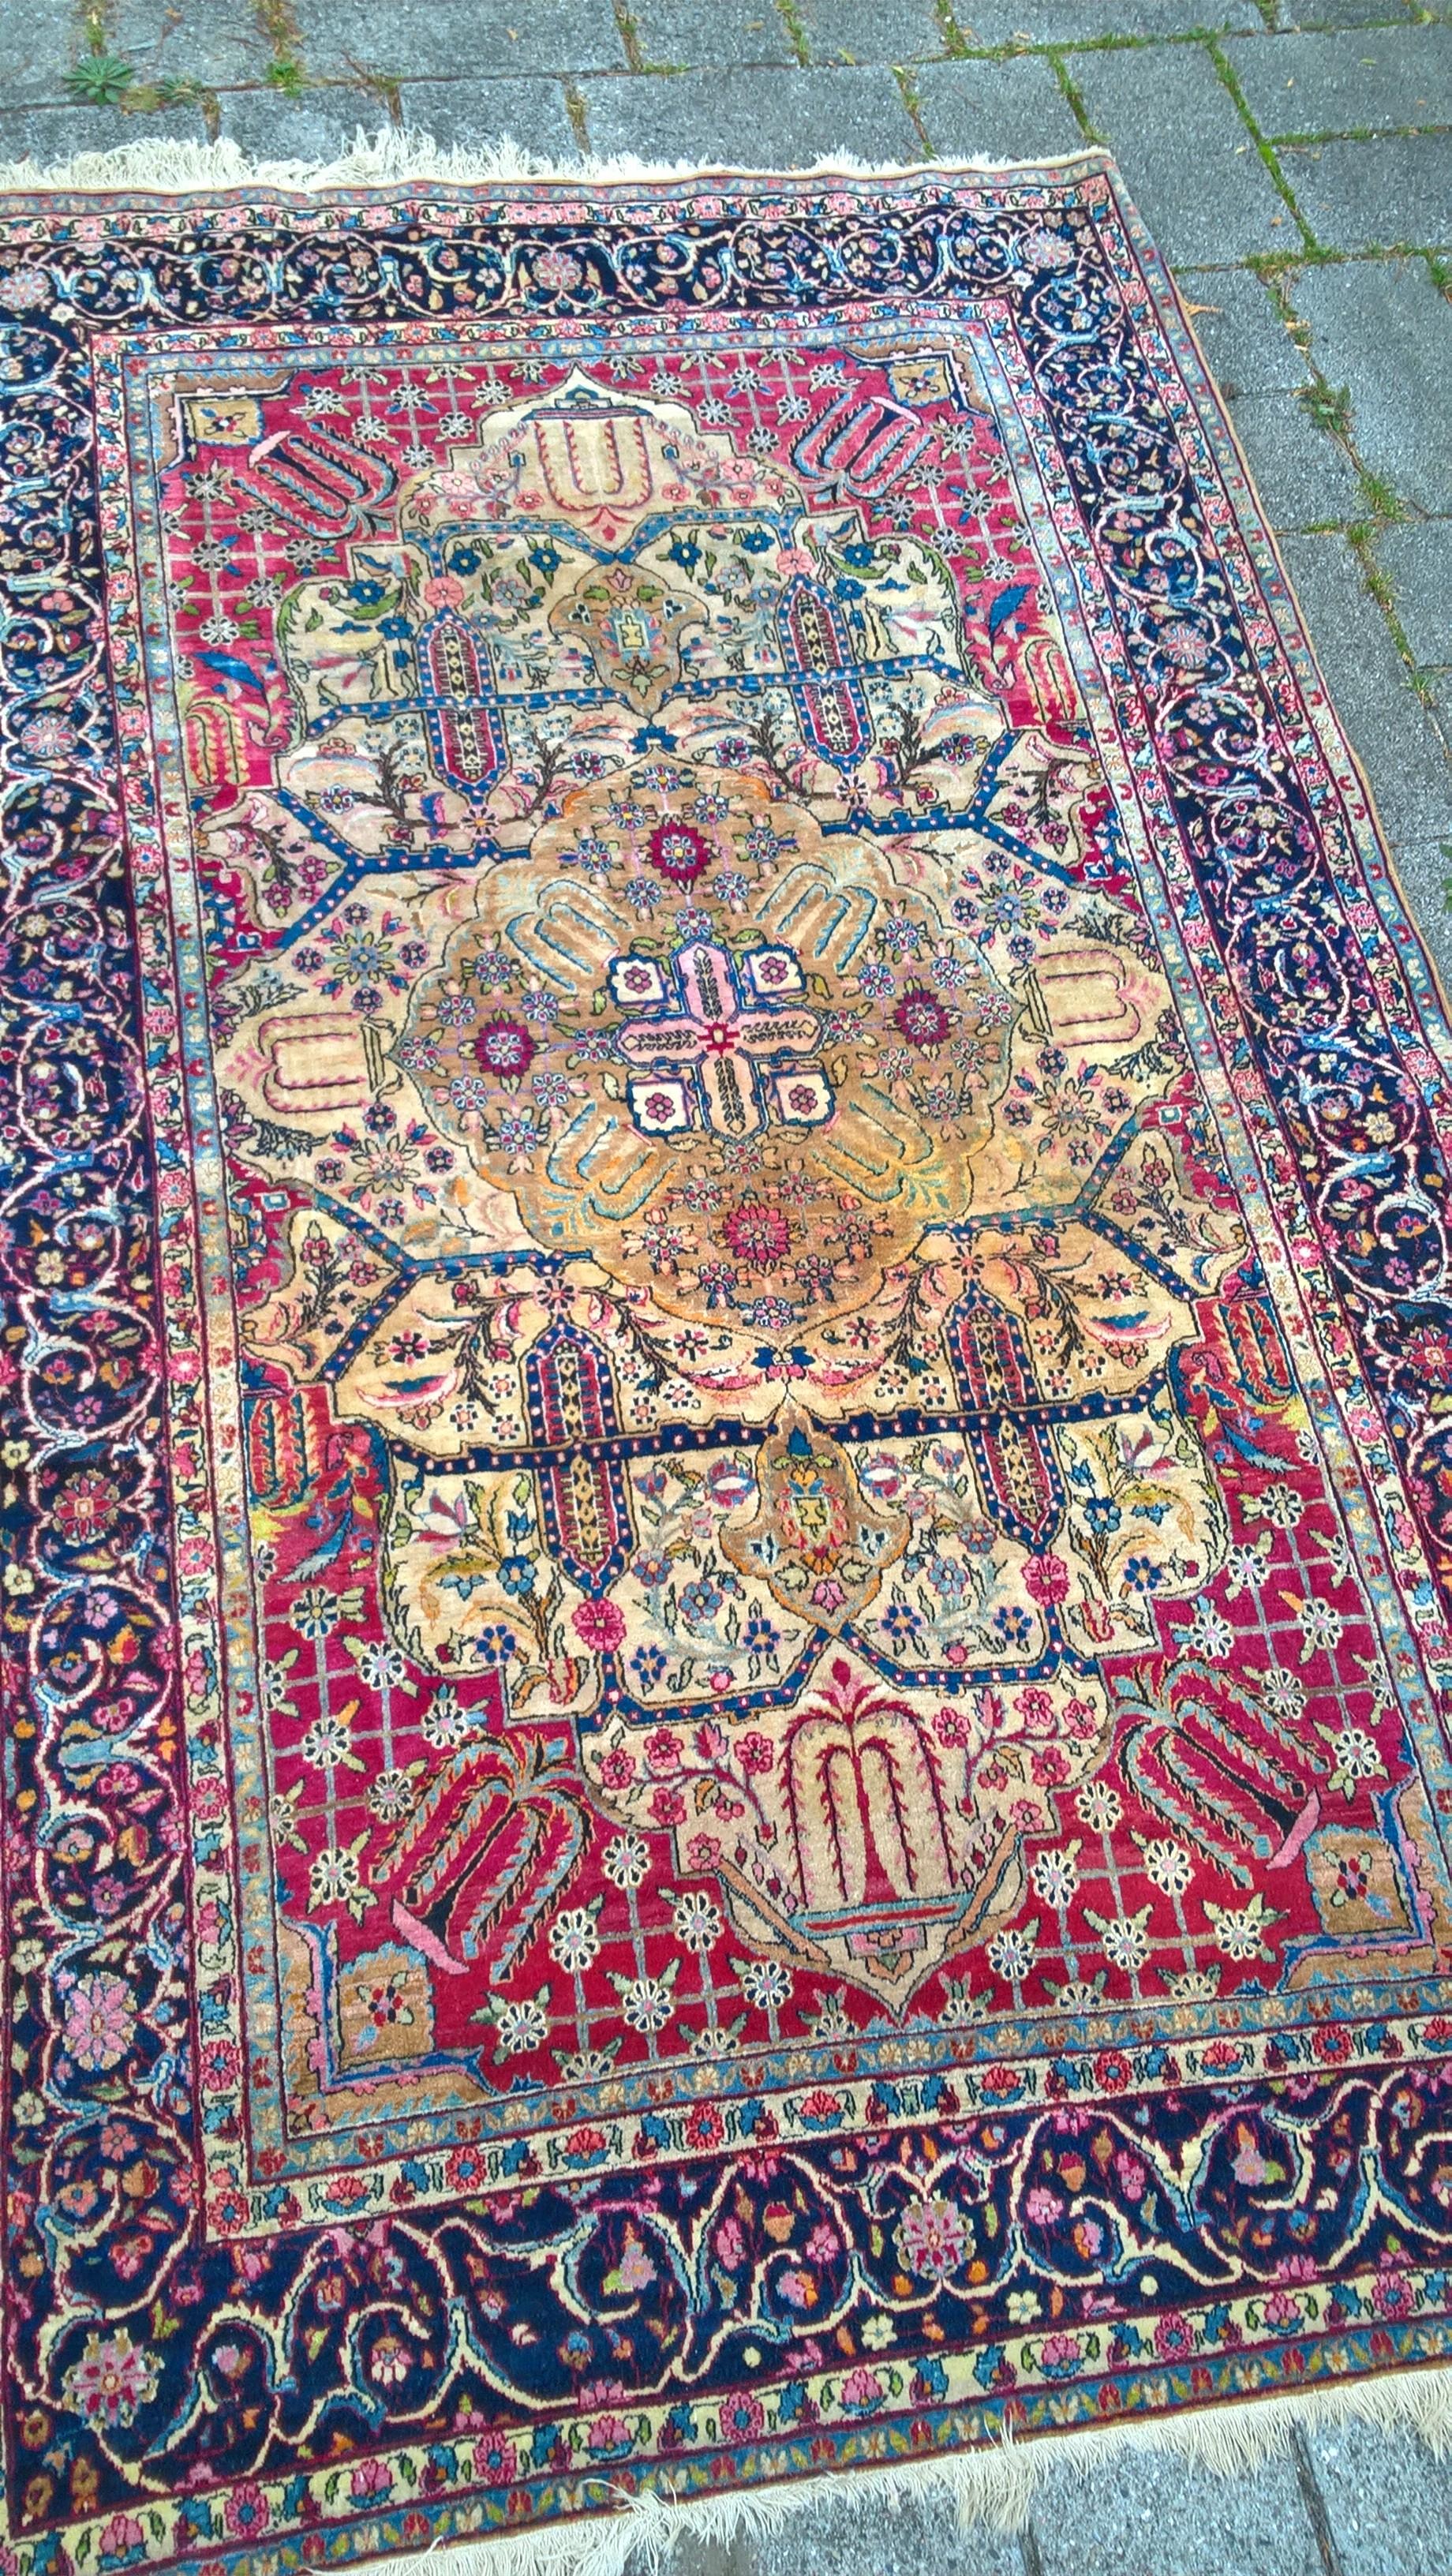 Ægte Persisk tæppe Mål: Tæppe kr. 5.500,- Varenr. Rug16-3460-12-goldenflower